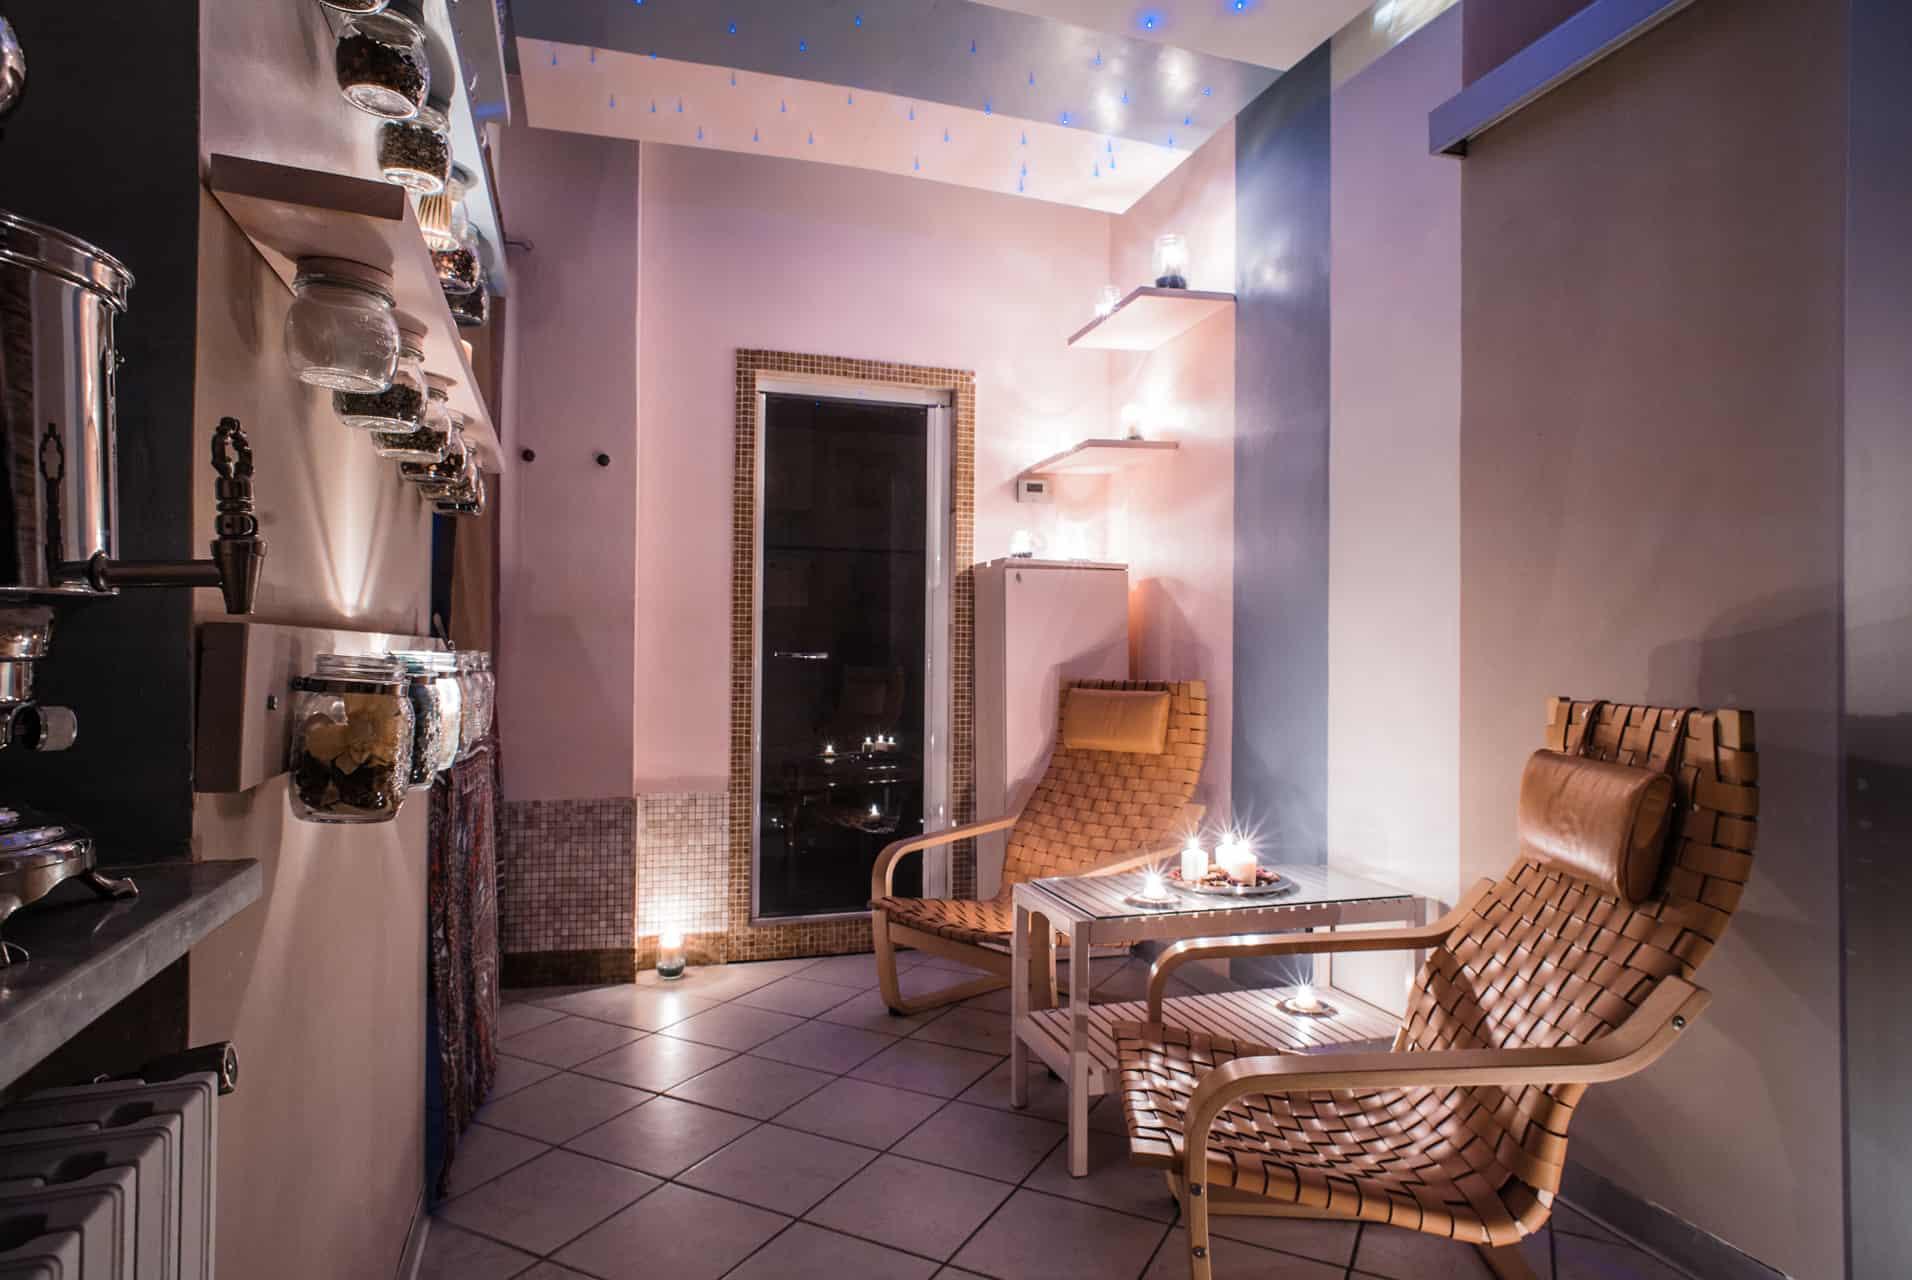 Progettazione Dinterni Fai Da Te : La sala relax e la parete di tisane unprogetto progettazione e